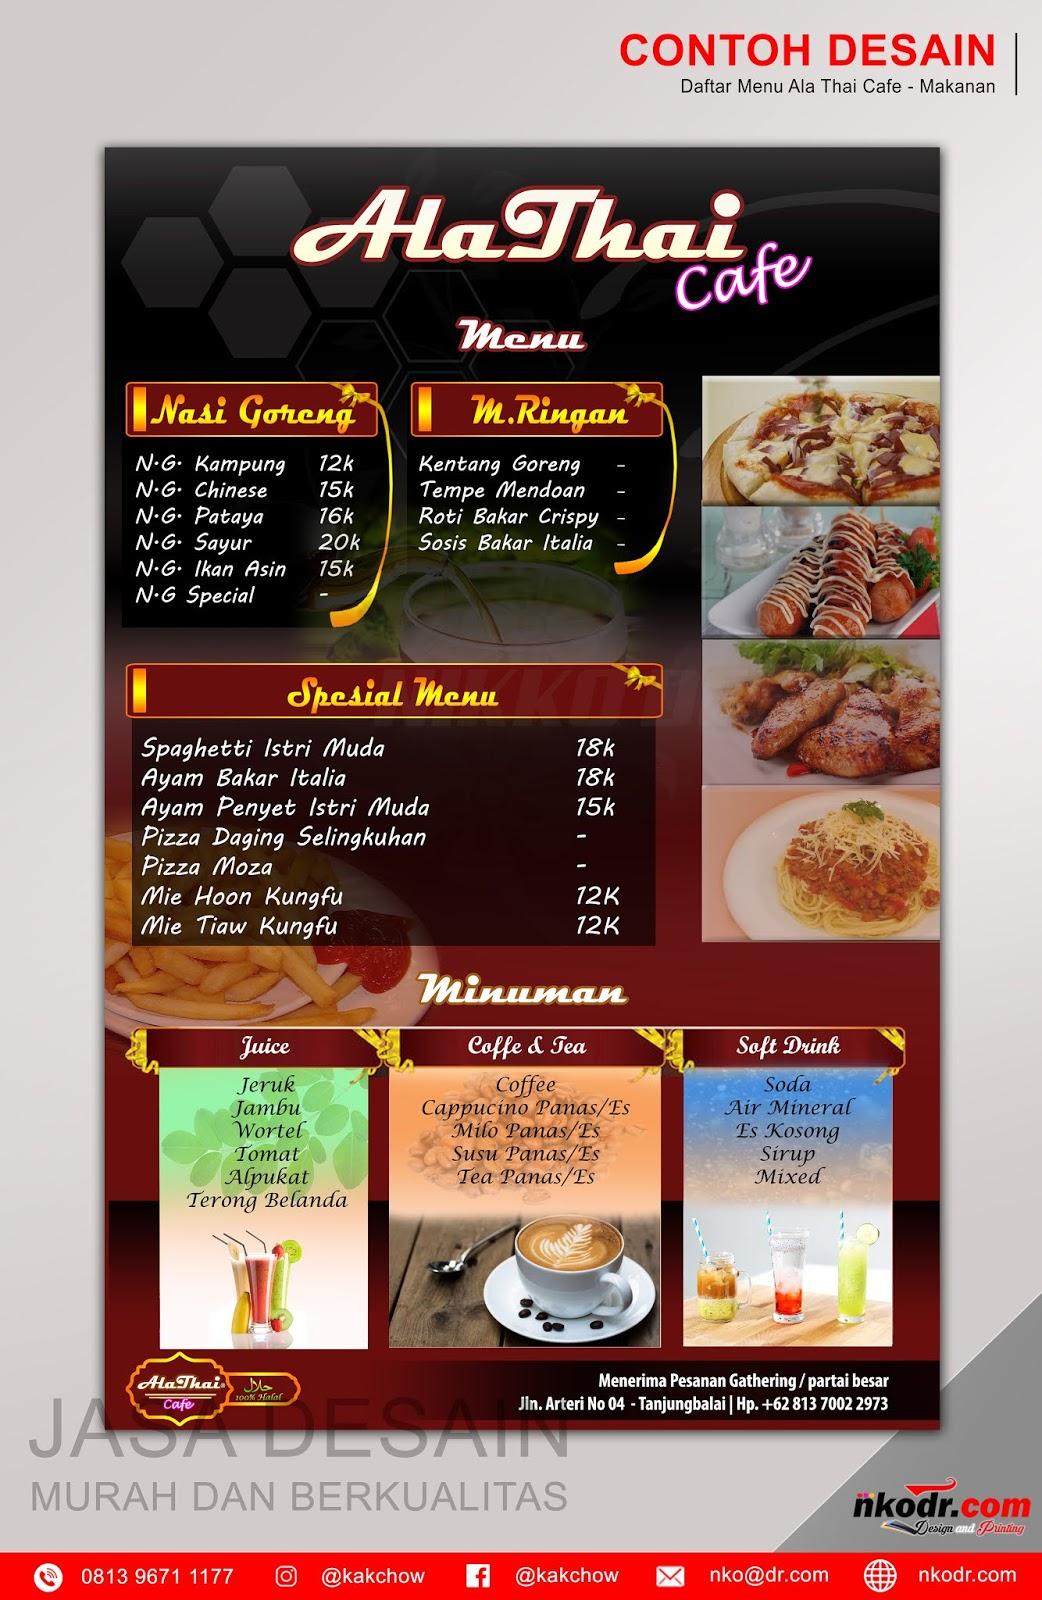 Contoh Spanduk Cafe : contoh, spanduk, Contoh, Desain, Menu/, Daftar, Makanan, AlaThai, Murah, Berkualitas, Percetakan, Tanjungbalai, Online,, Logo,, Banner,, Spanduk